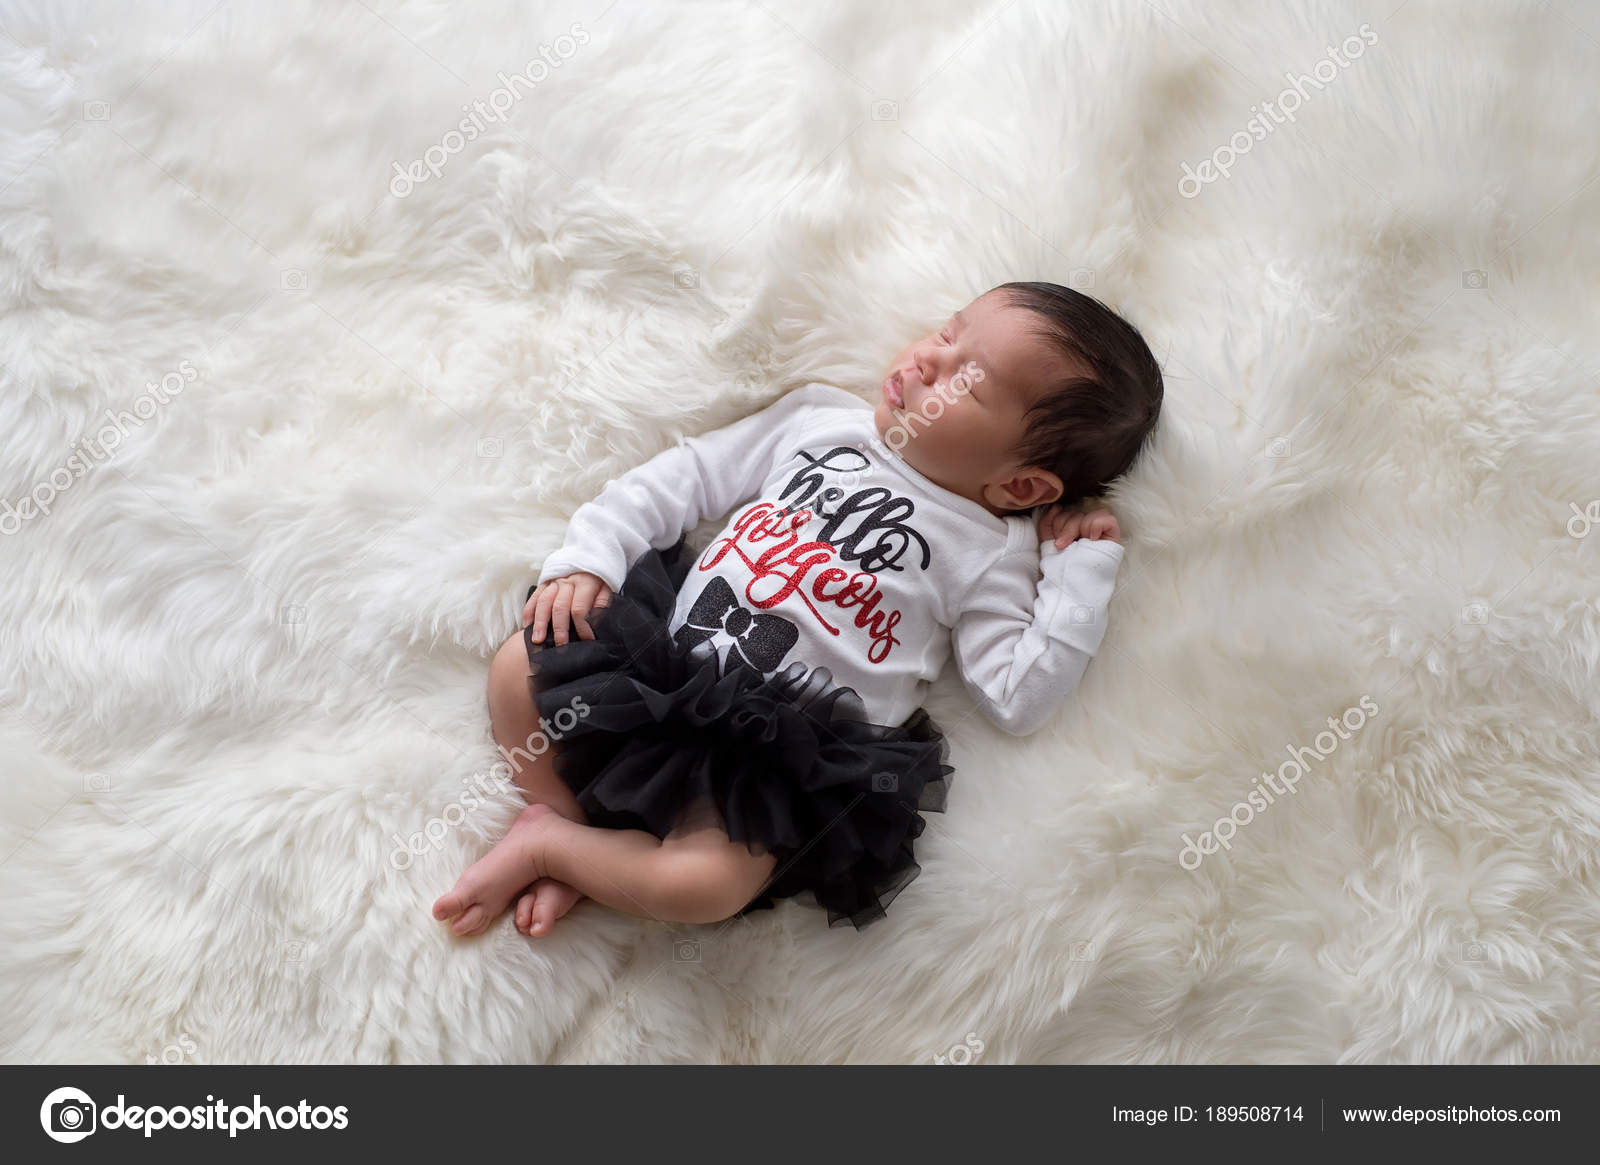 cf57cd1b9 Retrato de una 12 días de edad recién nacido niña vestido con culotte con  volados, negro, tutu y un mono blanco que dicen,